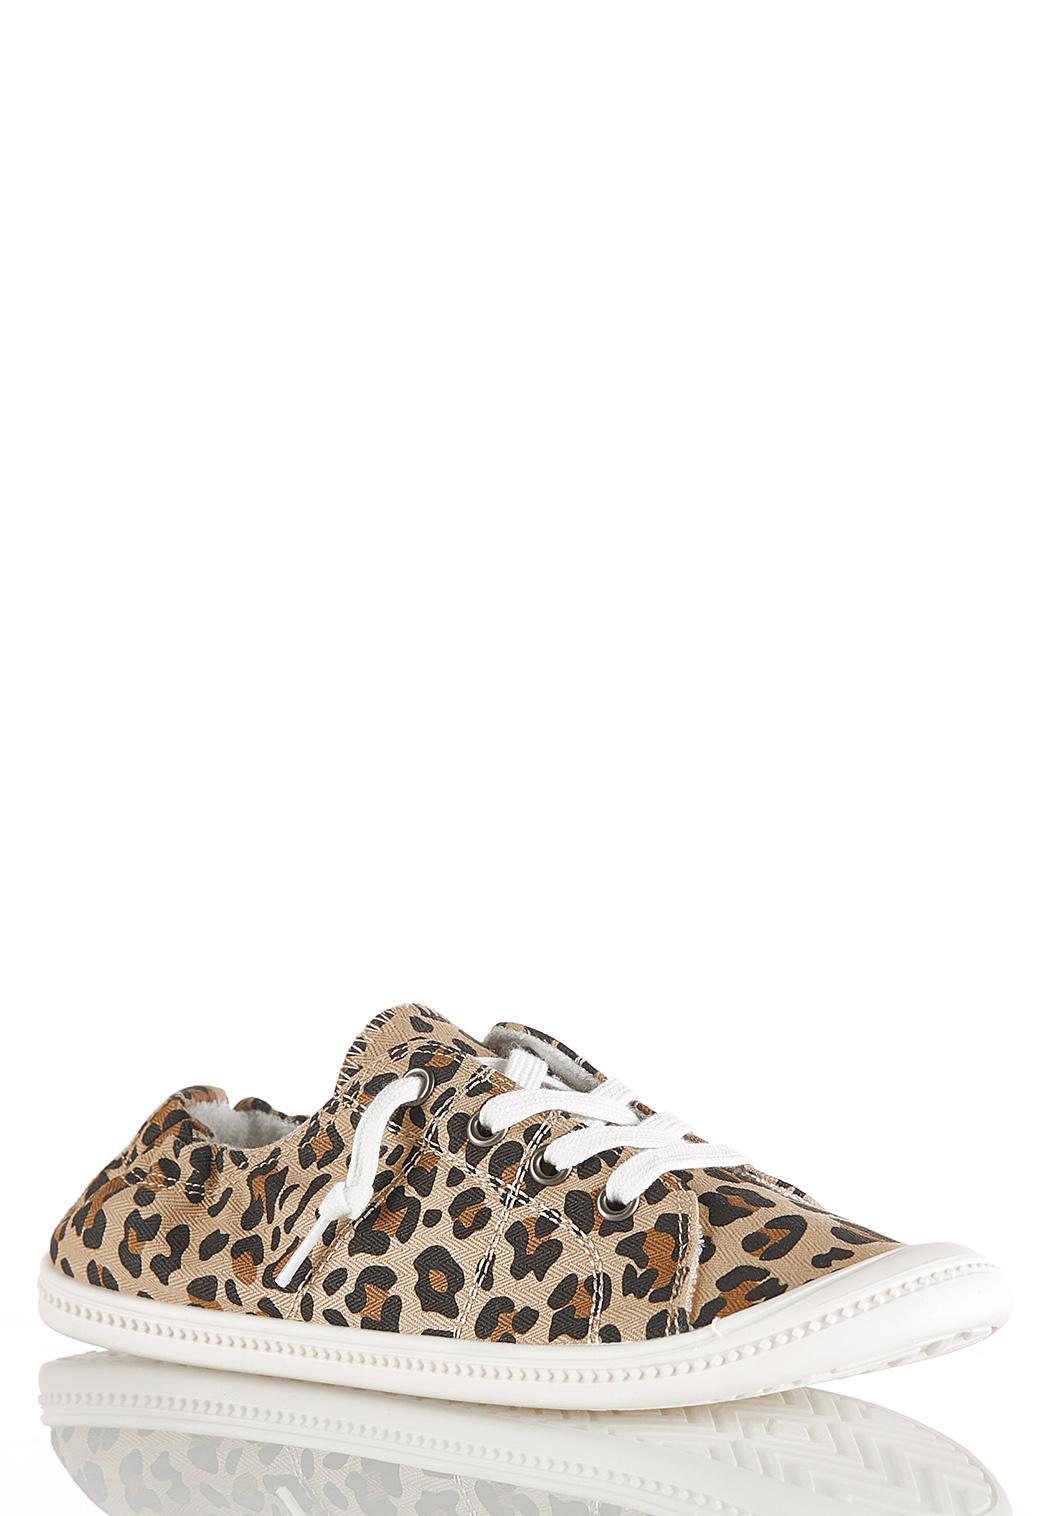 Leopard Scrunch Back Sneakers